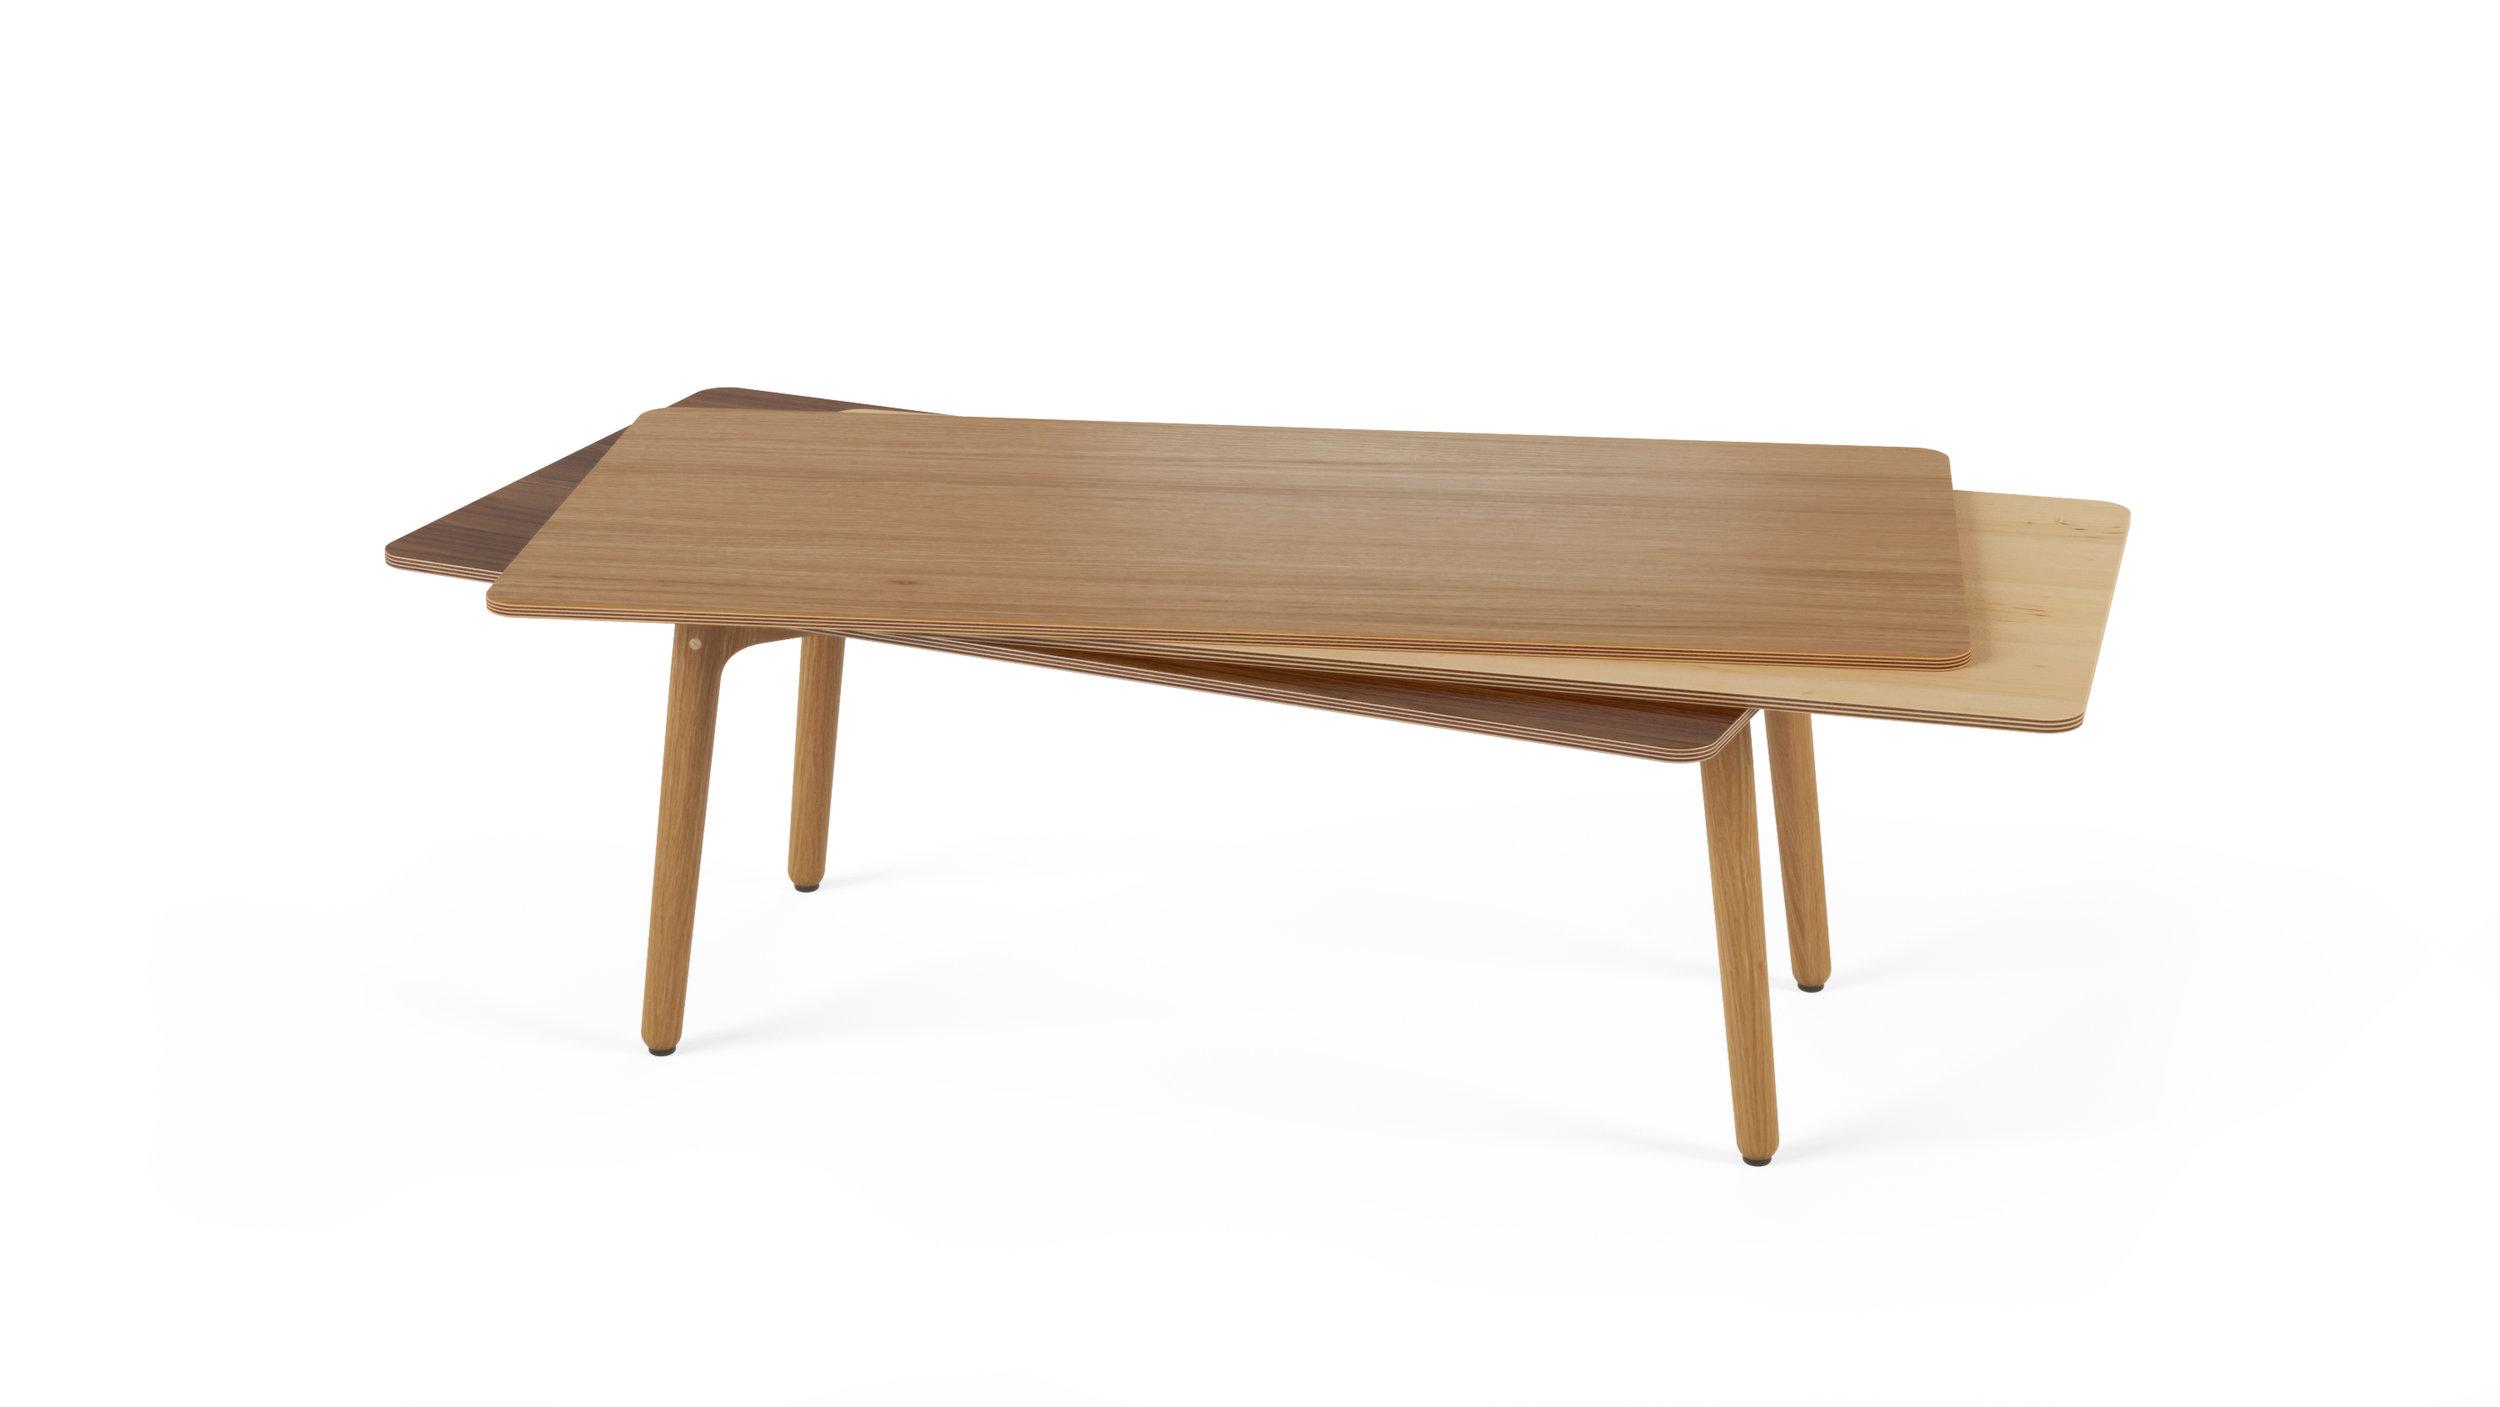 Stacked Coffee Table (Wood) - Oak, Maple, Walnut.jpg